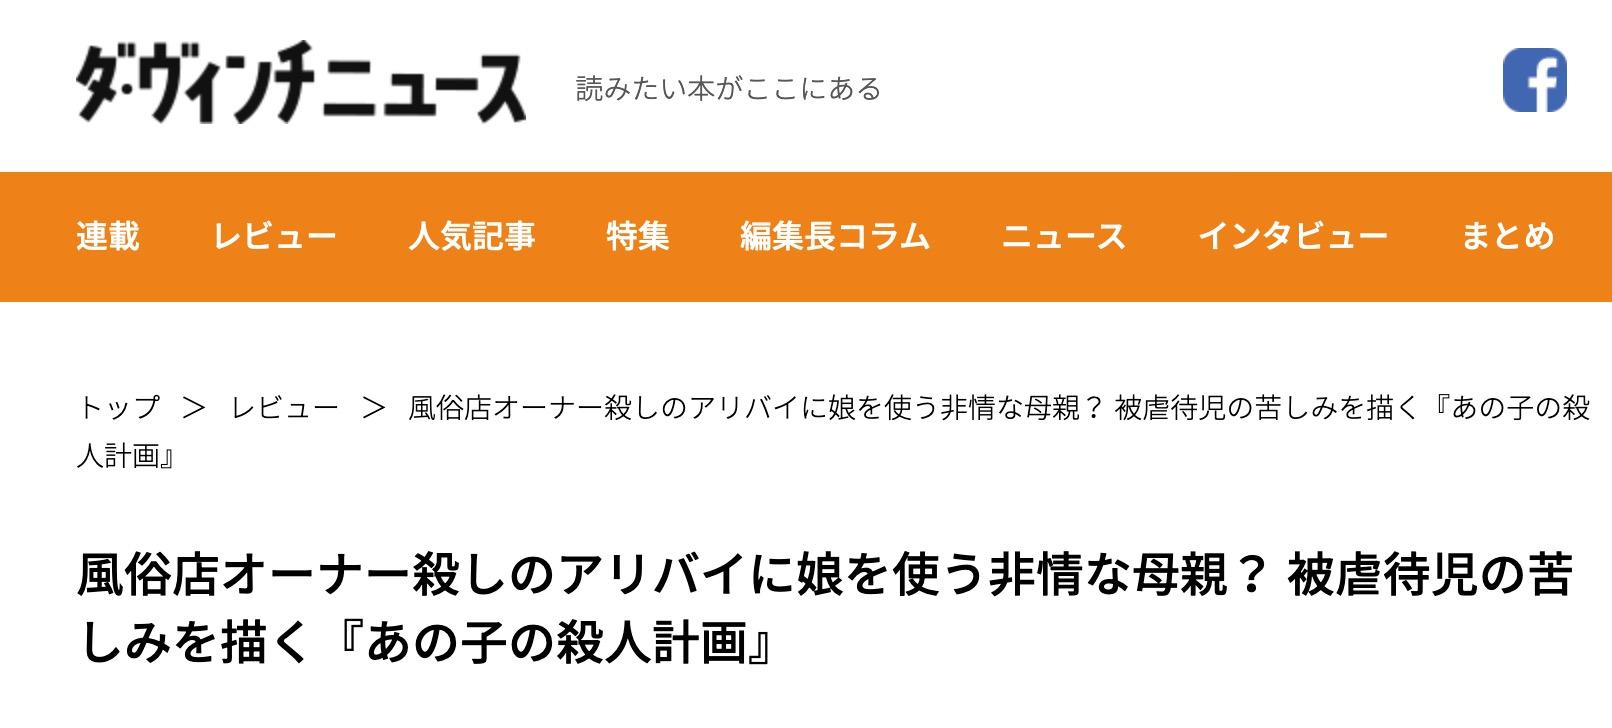 ヴィンチ ニュース ダ